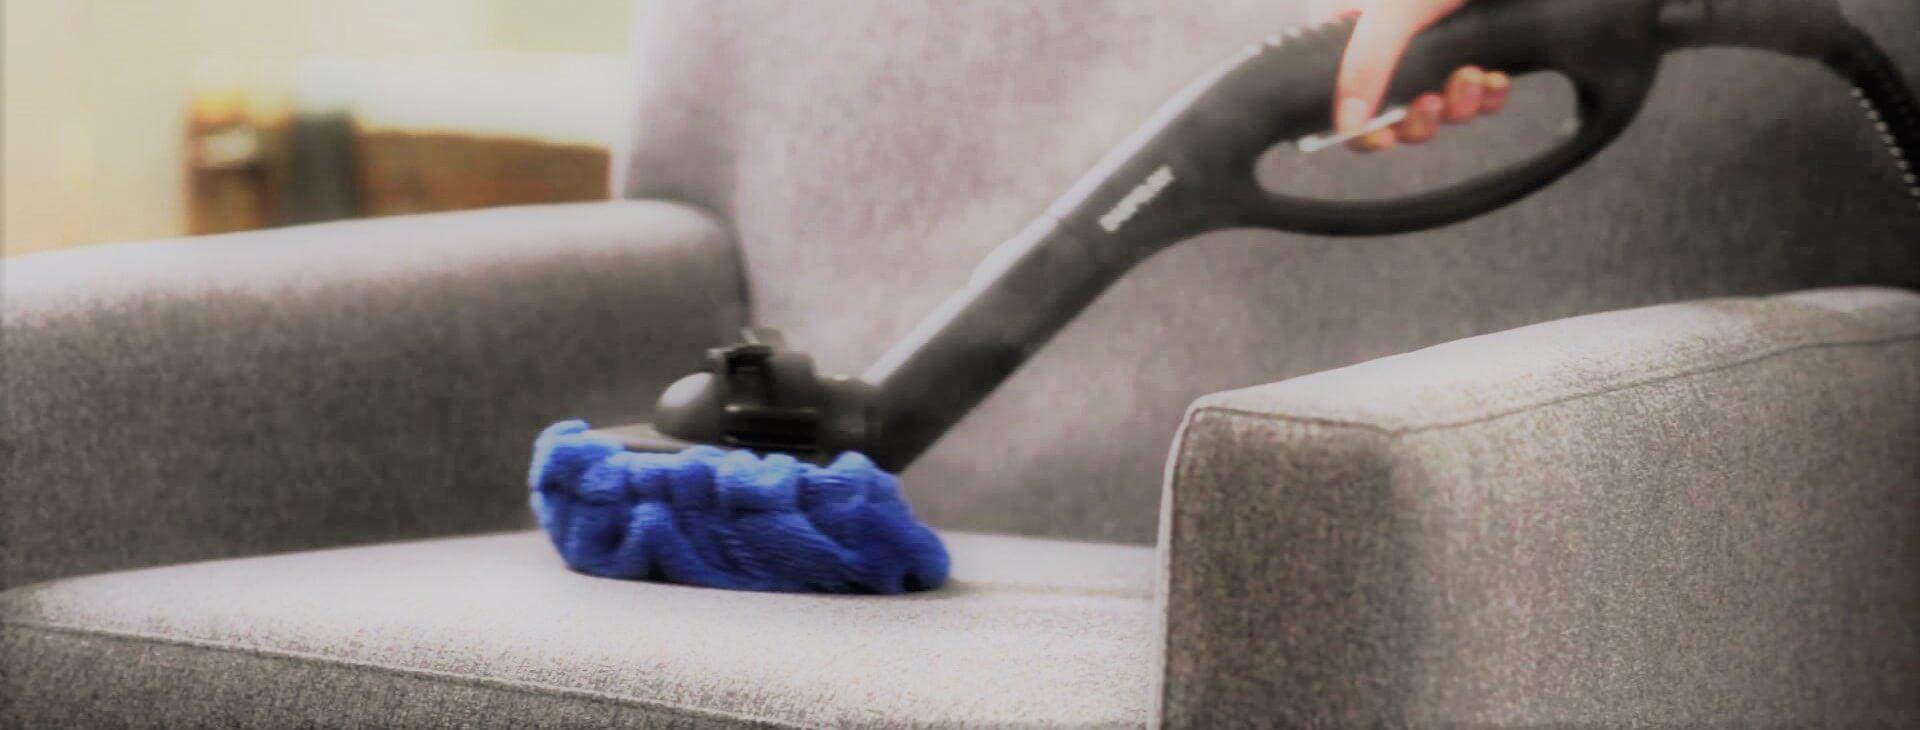 Limpieza de sof s c mo hacerla de forma correcta trucos for Como limpiar sofa de tela muy sucio